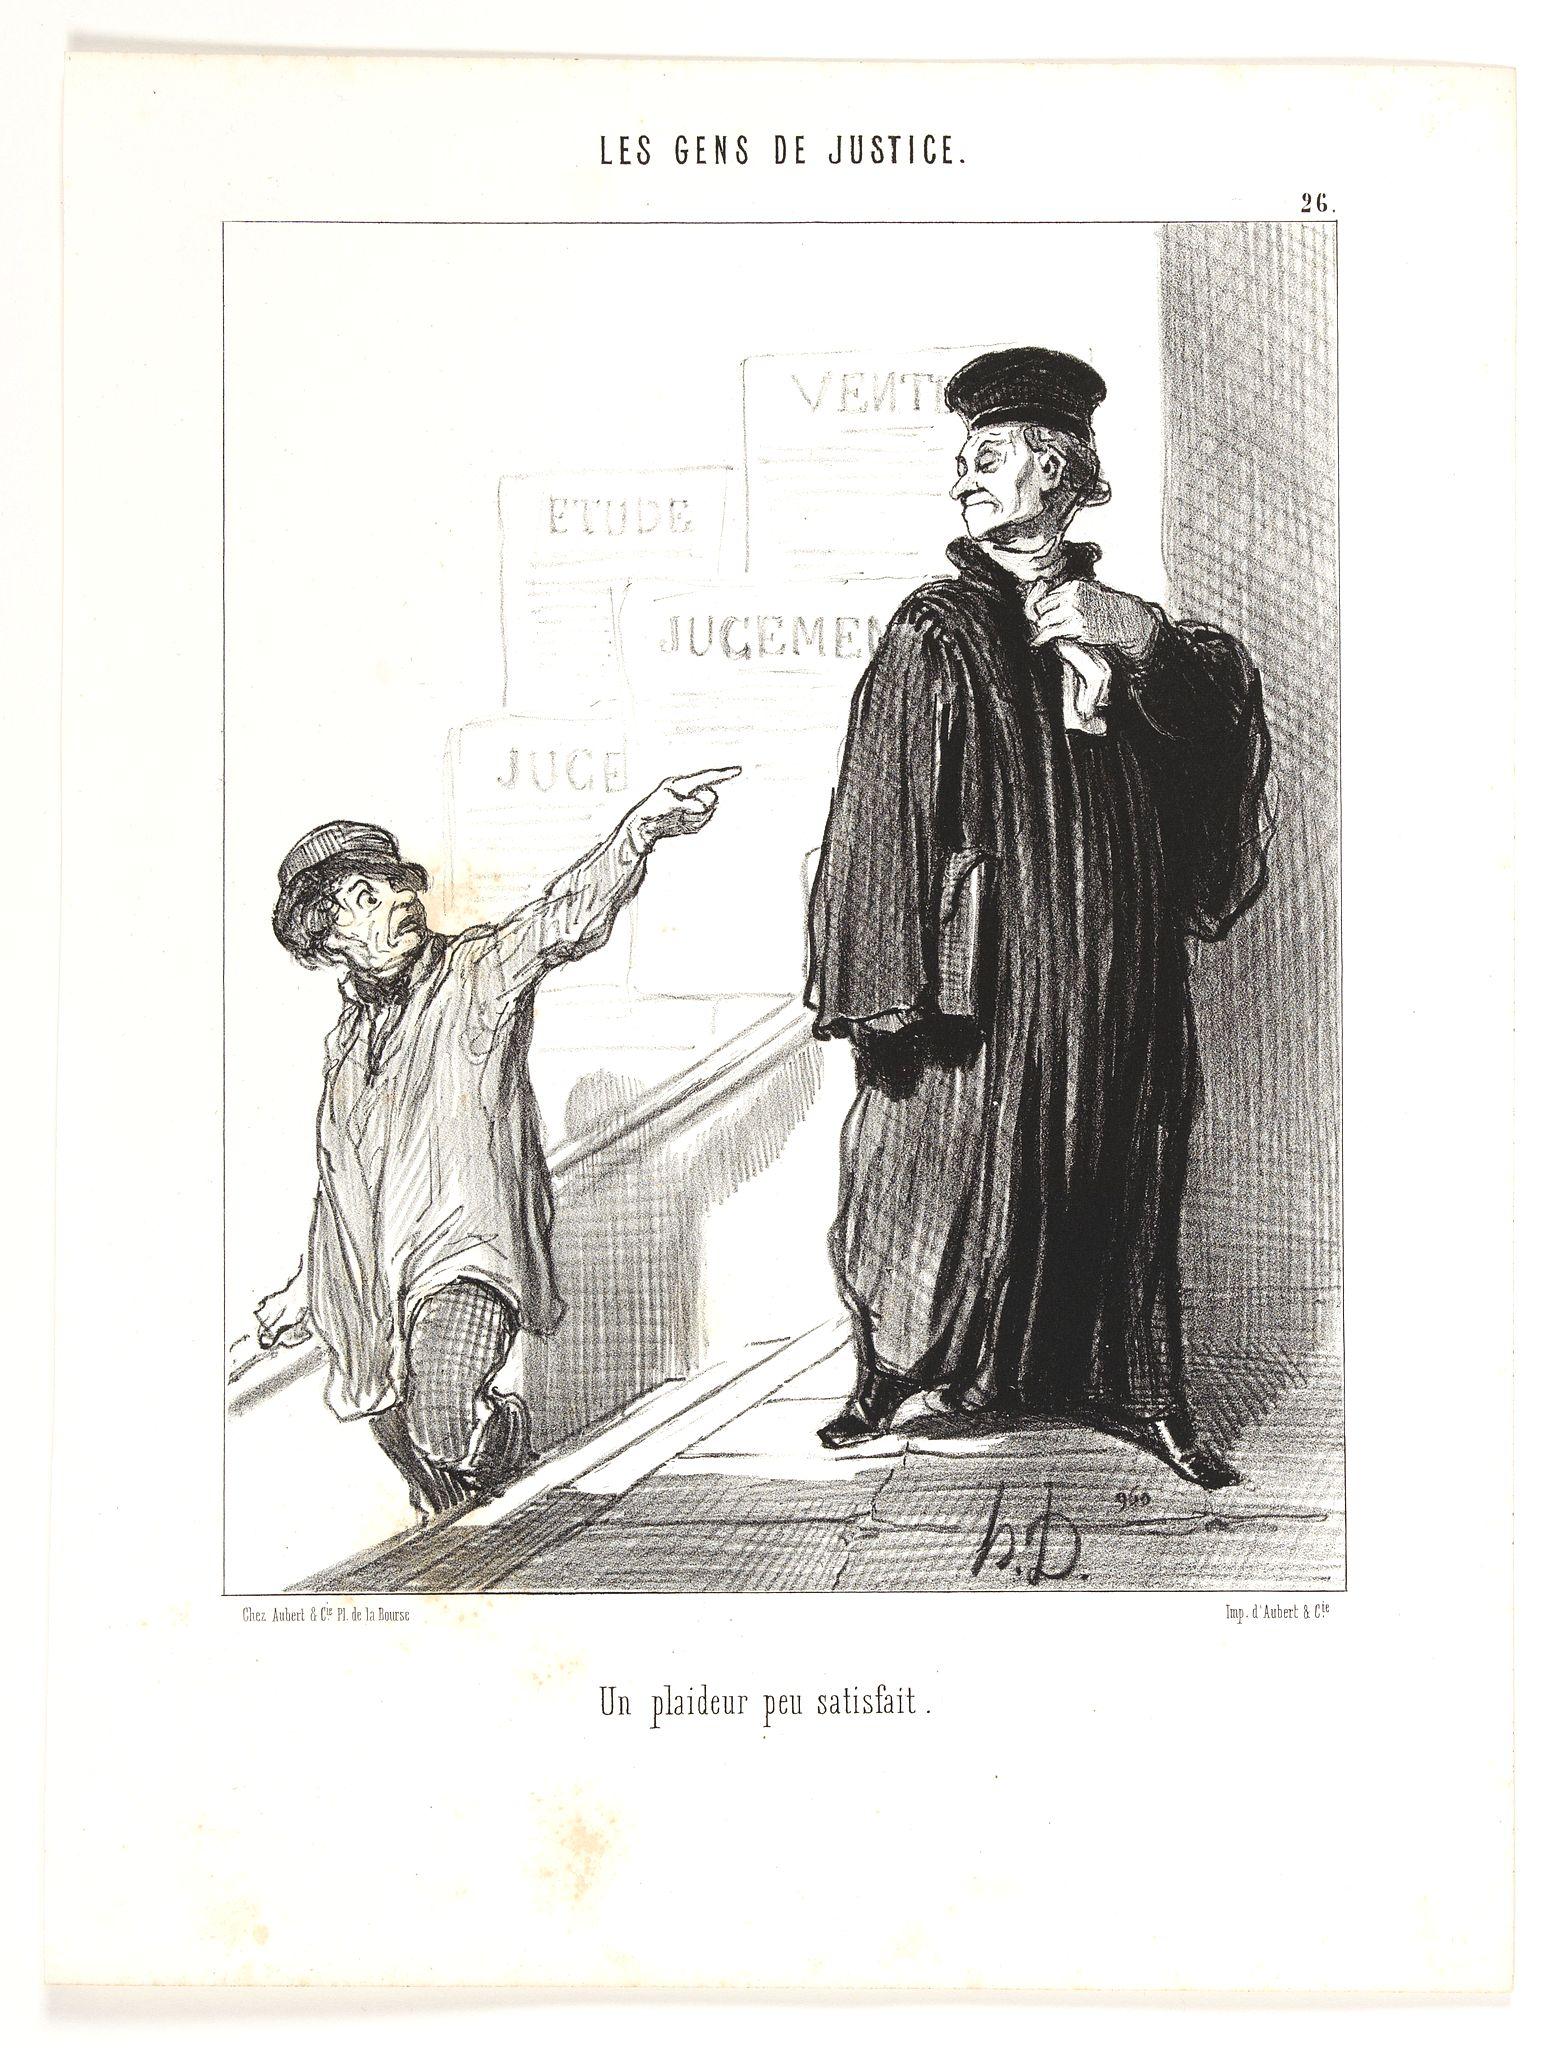 DAUMIER, H. -  Les Gens de Justice. - Un plaideur peu satisfait. (pl 26).